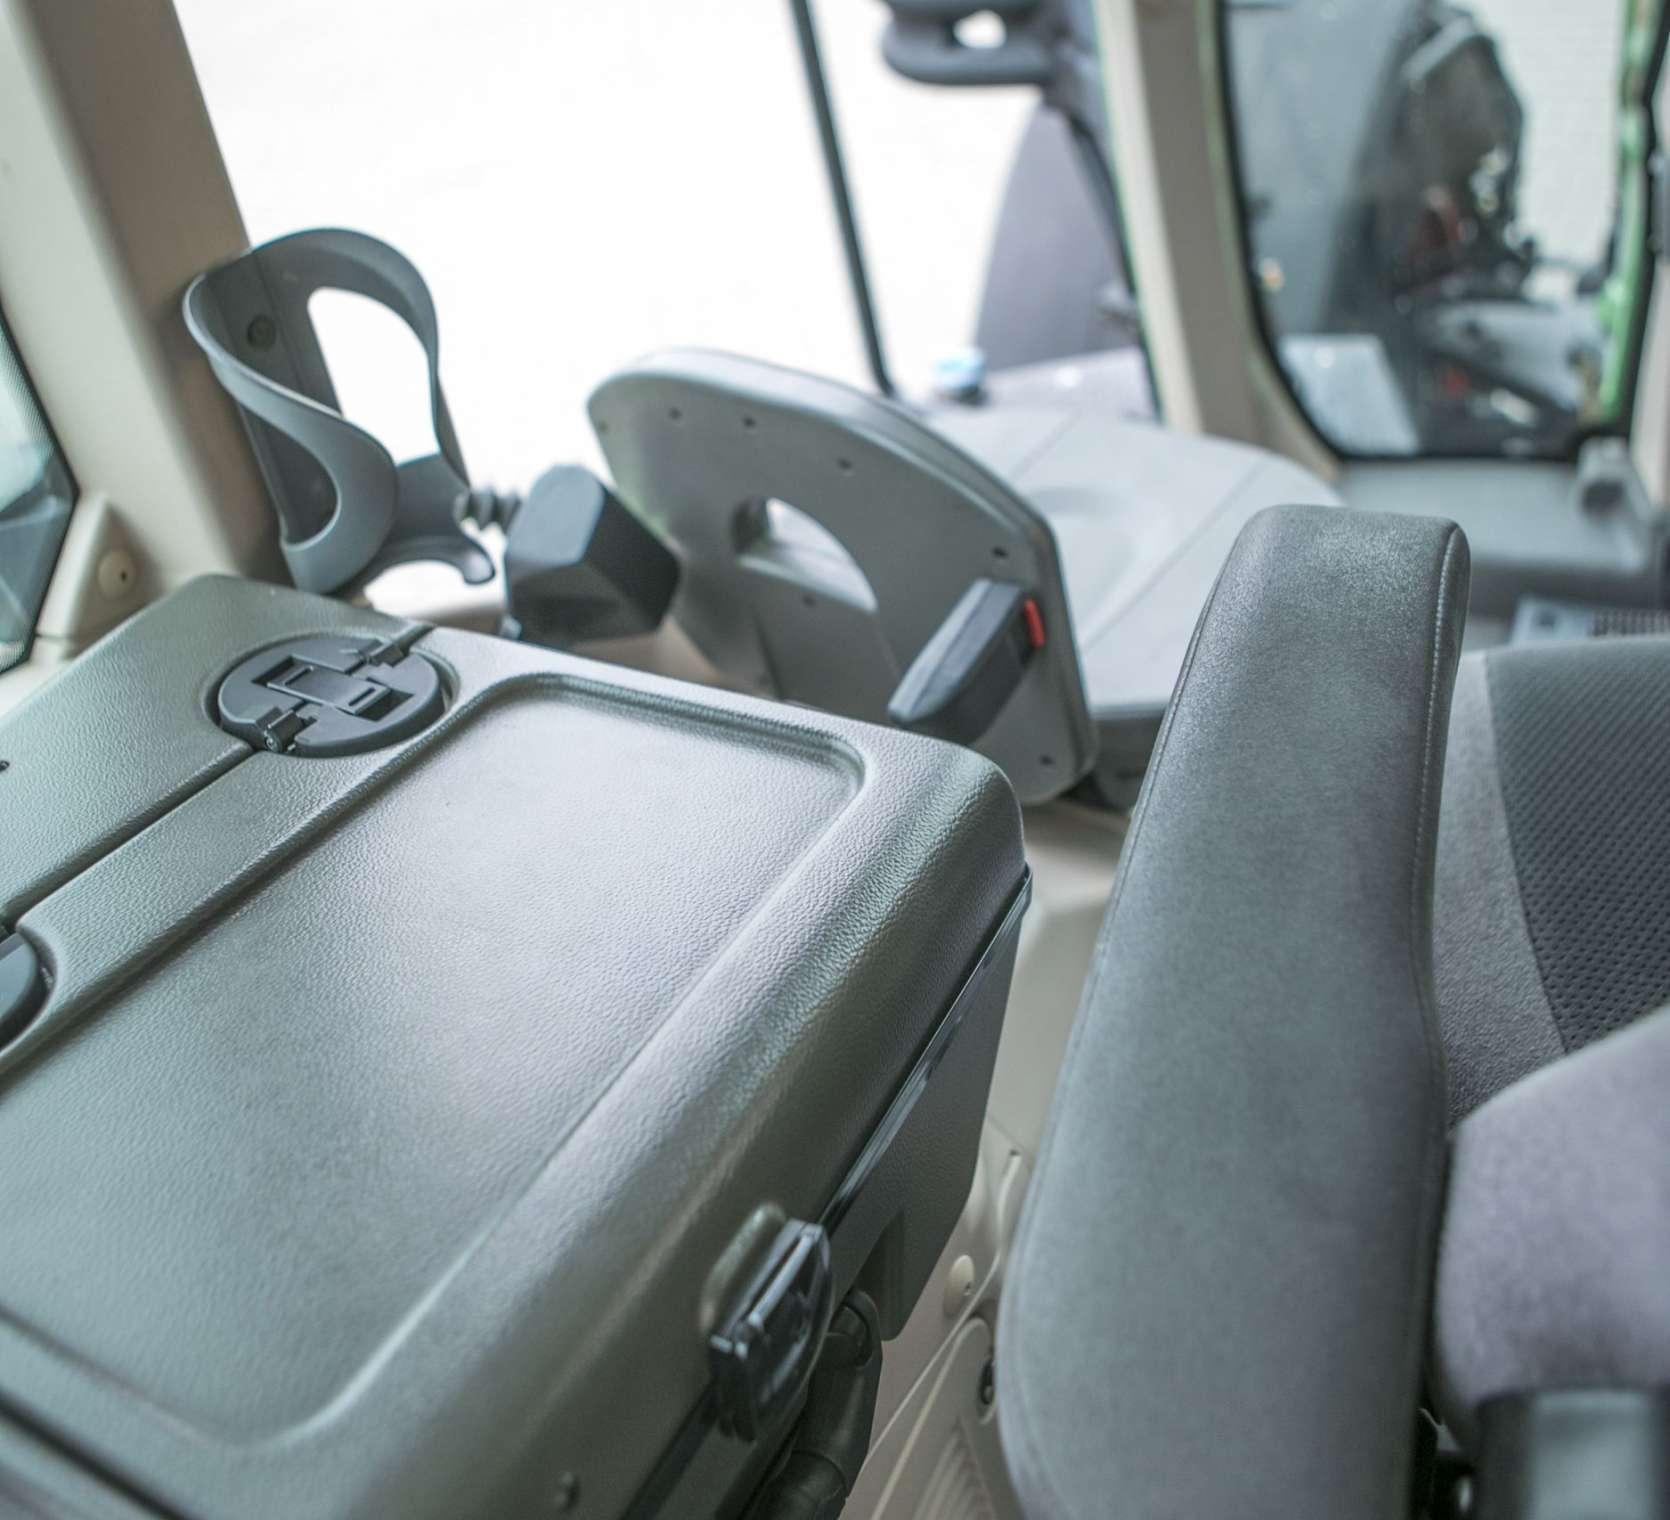 Skrzynka narzędziowa i podparcie foltela w ciągniku Fendt 936 widok z kabiny